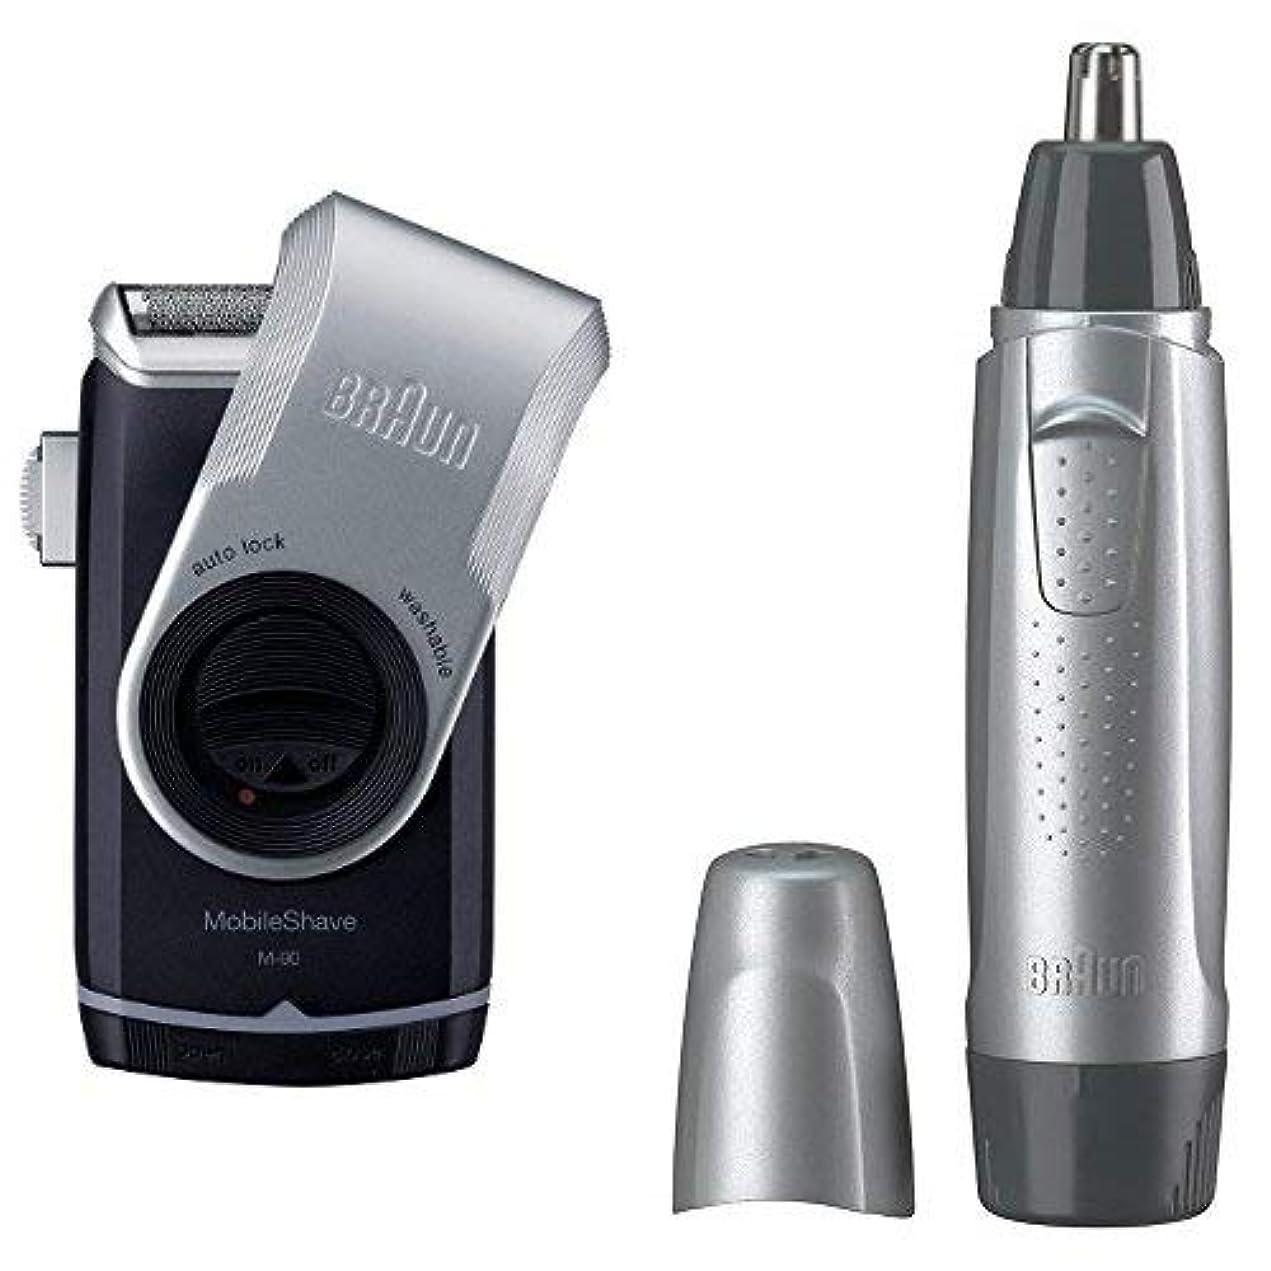 素晴らしさジョージハンブリー針【セット買い】ブラウン 携帯用メンズシェーバー  M-90 + 鼻毛カッター EN10